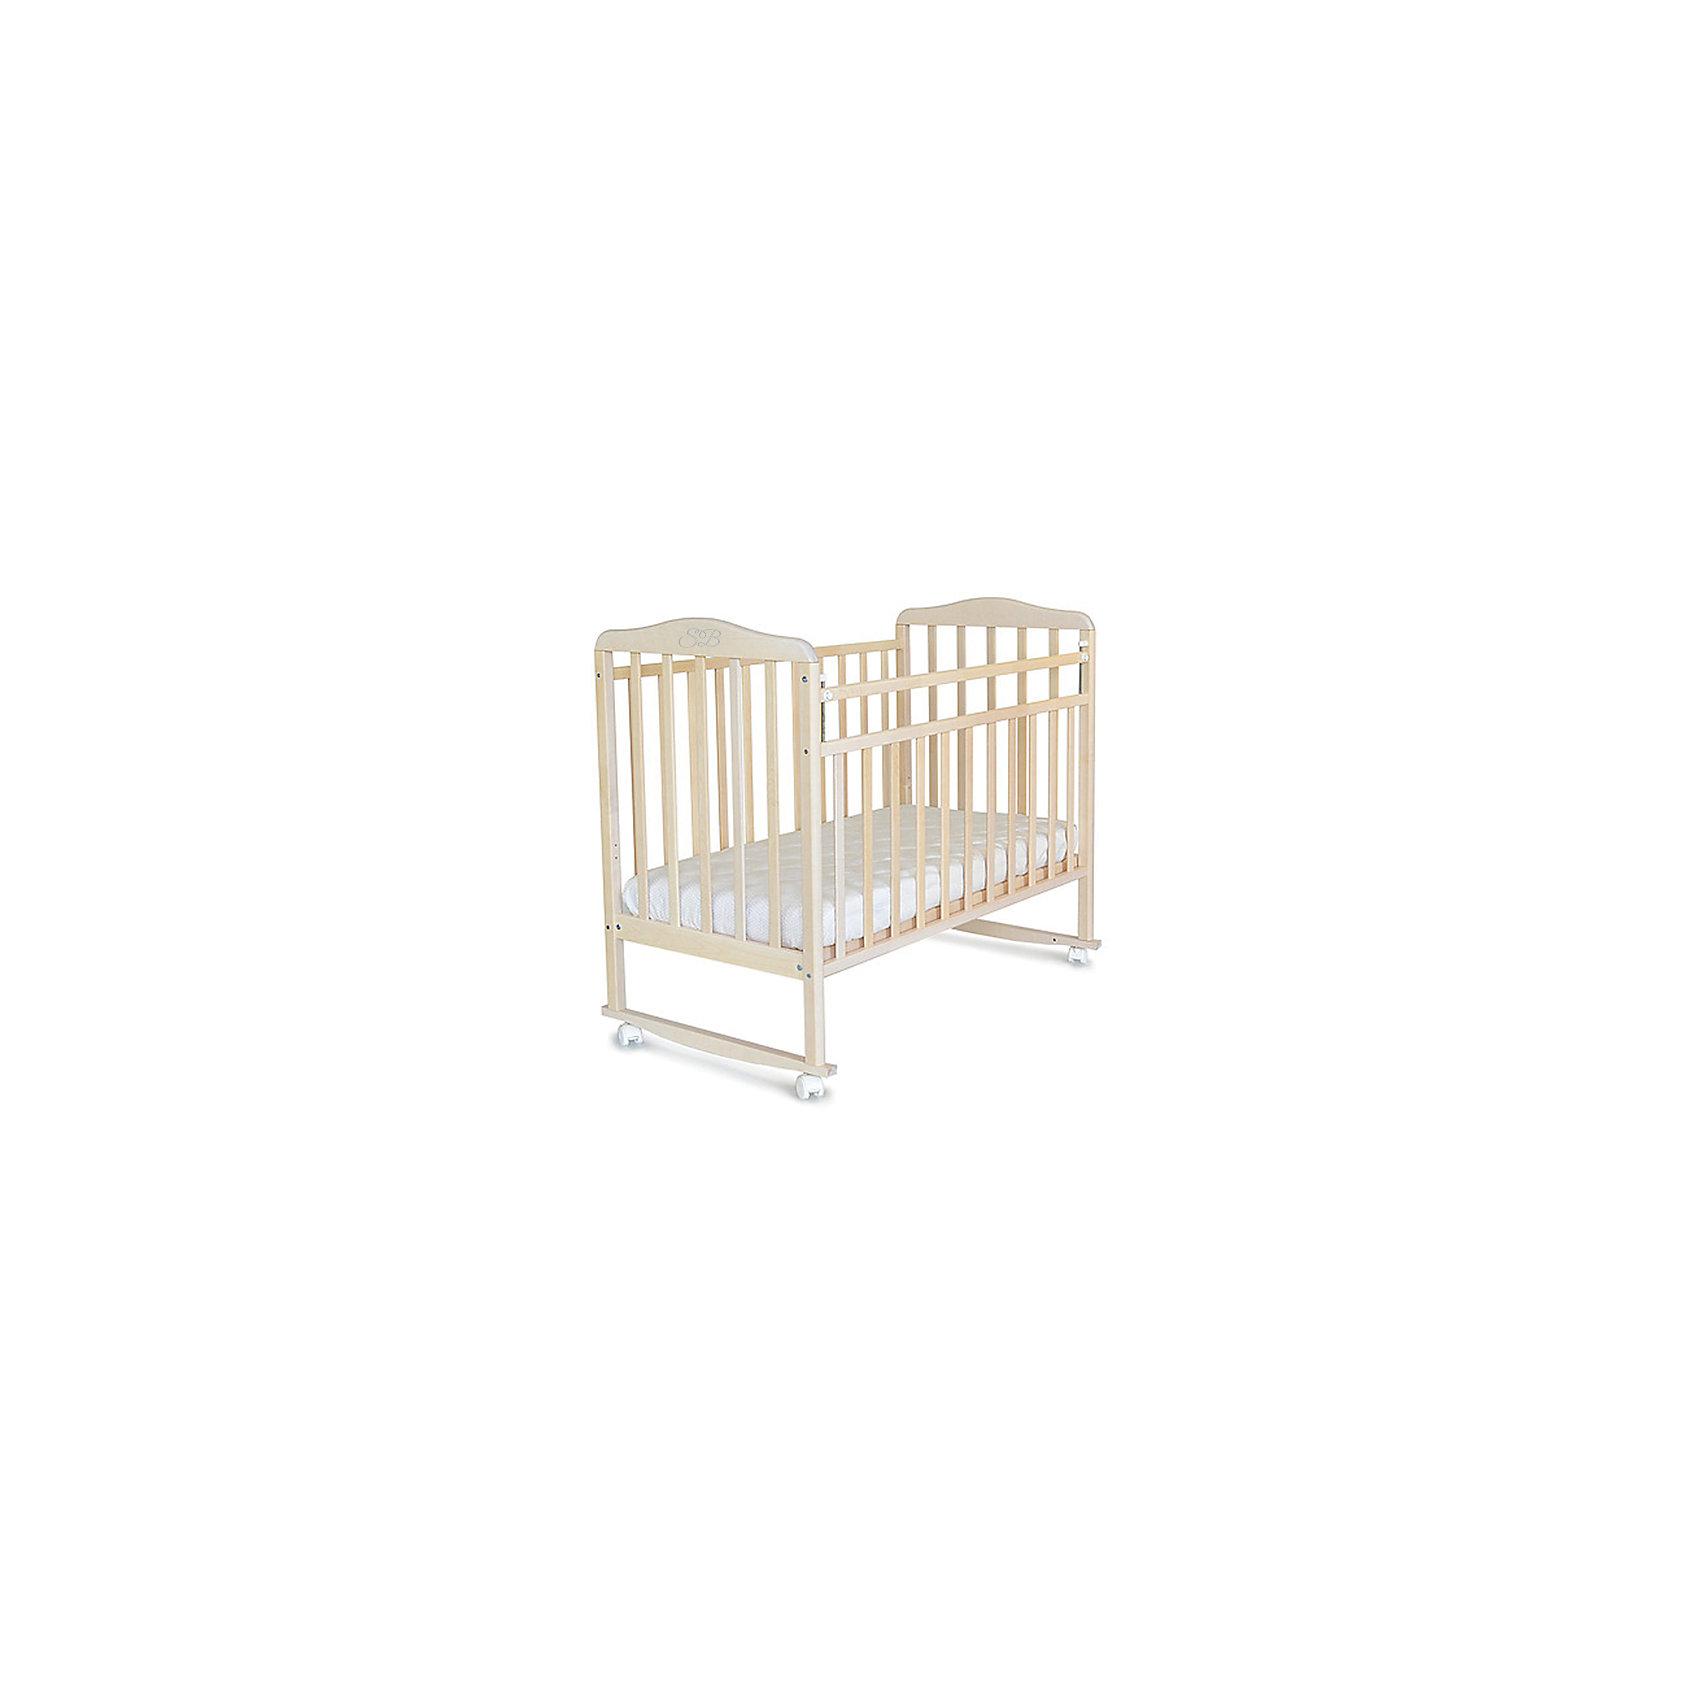 Кроватка Mario Nuvola Bianca, Sweet Baby, белое облакоКроватки<br>Характеристики товара:<br><br>• цвет: белое облако<br>• материал: дерево<br>• полозья для качания<br>• колесики<br>• размер спального места: 120х60 см<br>• 2 уровня ложа<br>• размер (ШхДхВ): 72х125х109 см<br><br>Кроватку Sweet Baby Mario с комплектацией колёсо/качалка можно использовать в одном из 2-х вариантов – на качалке или прикрутить колёсики.<br><br>Округлые формы деталей не позволят Вашему малышу удариться, а передняя стенка особенно надежна и долговечна благодаря тому, что подвижна только верхняя планка.<br><br>Два уровня ложа позволяют менять глубину кроватки по мере роста малыша, опускаемая планка поможет без труда дотянуться до малыша в кроватке.<br><br>Расстояние между рейками не дает возможность ребенку застрять между ними во время сна.<br><br>Детская кровать Sweet Baby Mario изготовлена из древесины березы, прочного и долговечного материала. <br><br>Кроватки для новорожденных SweetBaby обрабатываются нетоксичными лаками и красками, абсолютно безвредными для ребенка.<br><br>Кроватку Mario Nuvola Bianca, Sweet Baby можно купить в нашем интернет-магазине.<br><br>Ширина мм: 720<br>Глубина мм: 150<br>Высота мм: 1240<br>Вес г: 18000<br>Возраст от месяцев: 0<br>Возраст до месяцев: 36<br>Пол: Унисекс<br>Возраст: Детский<br>SKU: 5583559